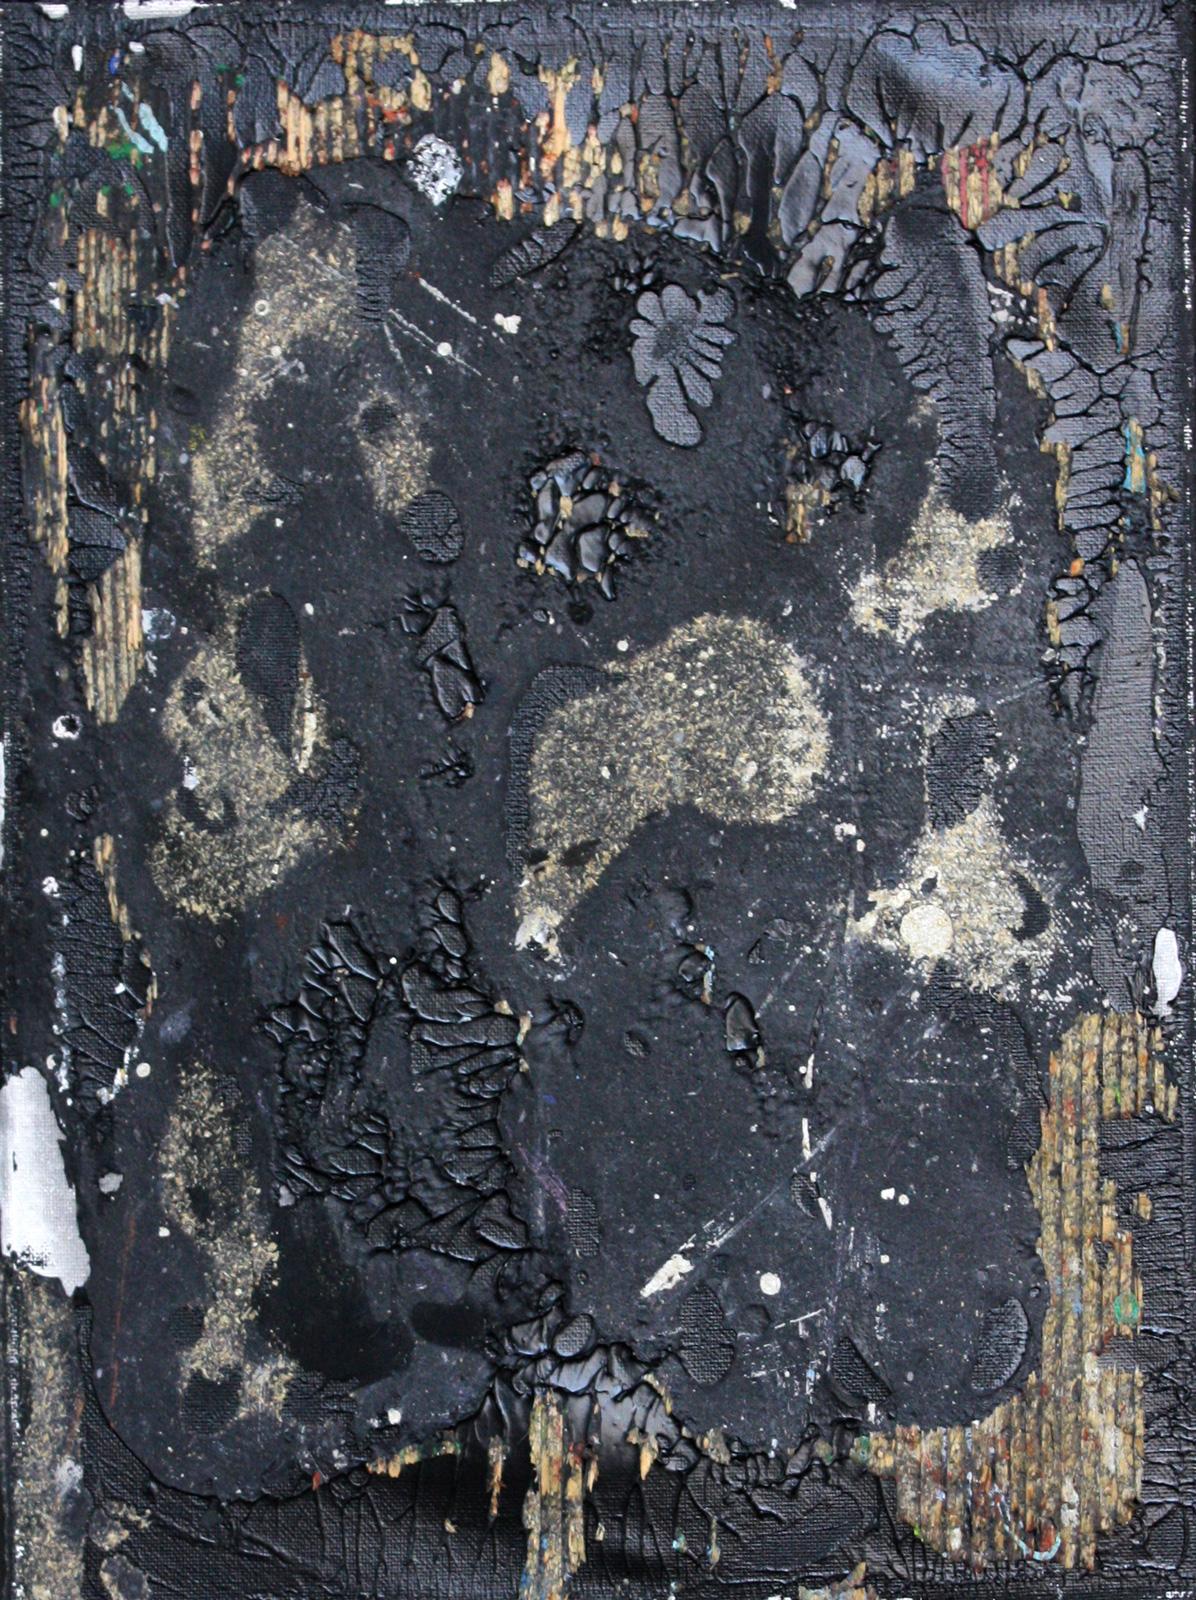 Abstrakt 8 | Acryl, Mixed Media | 30 x 40cm